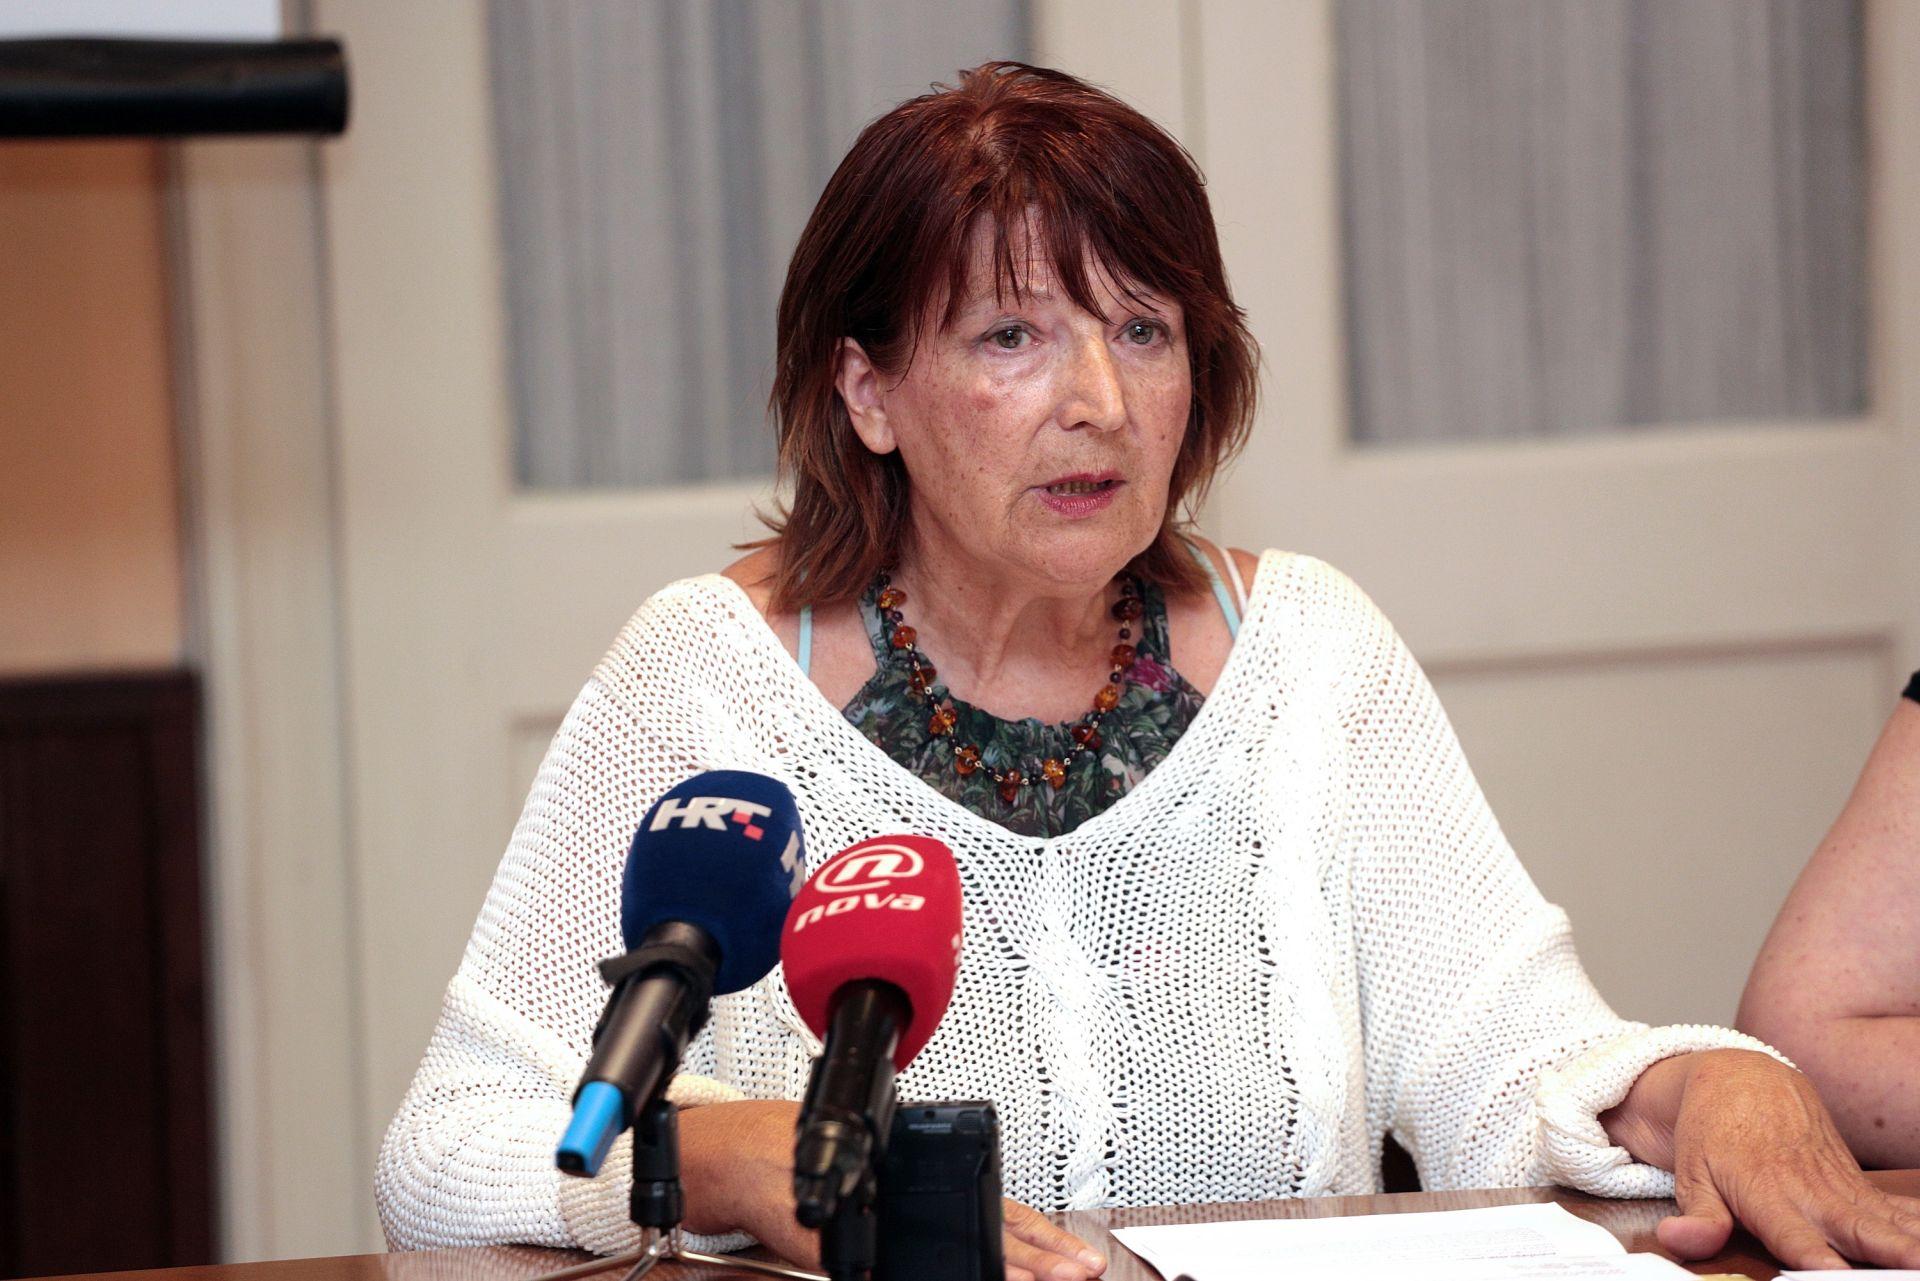 """OSNOVANA NOVA STRANKA: """"Blokirani – Deblokirajmo Hrvatsku"""""""